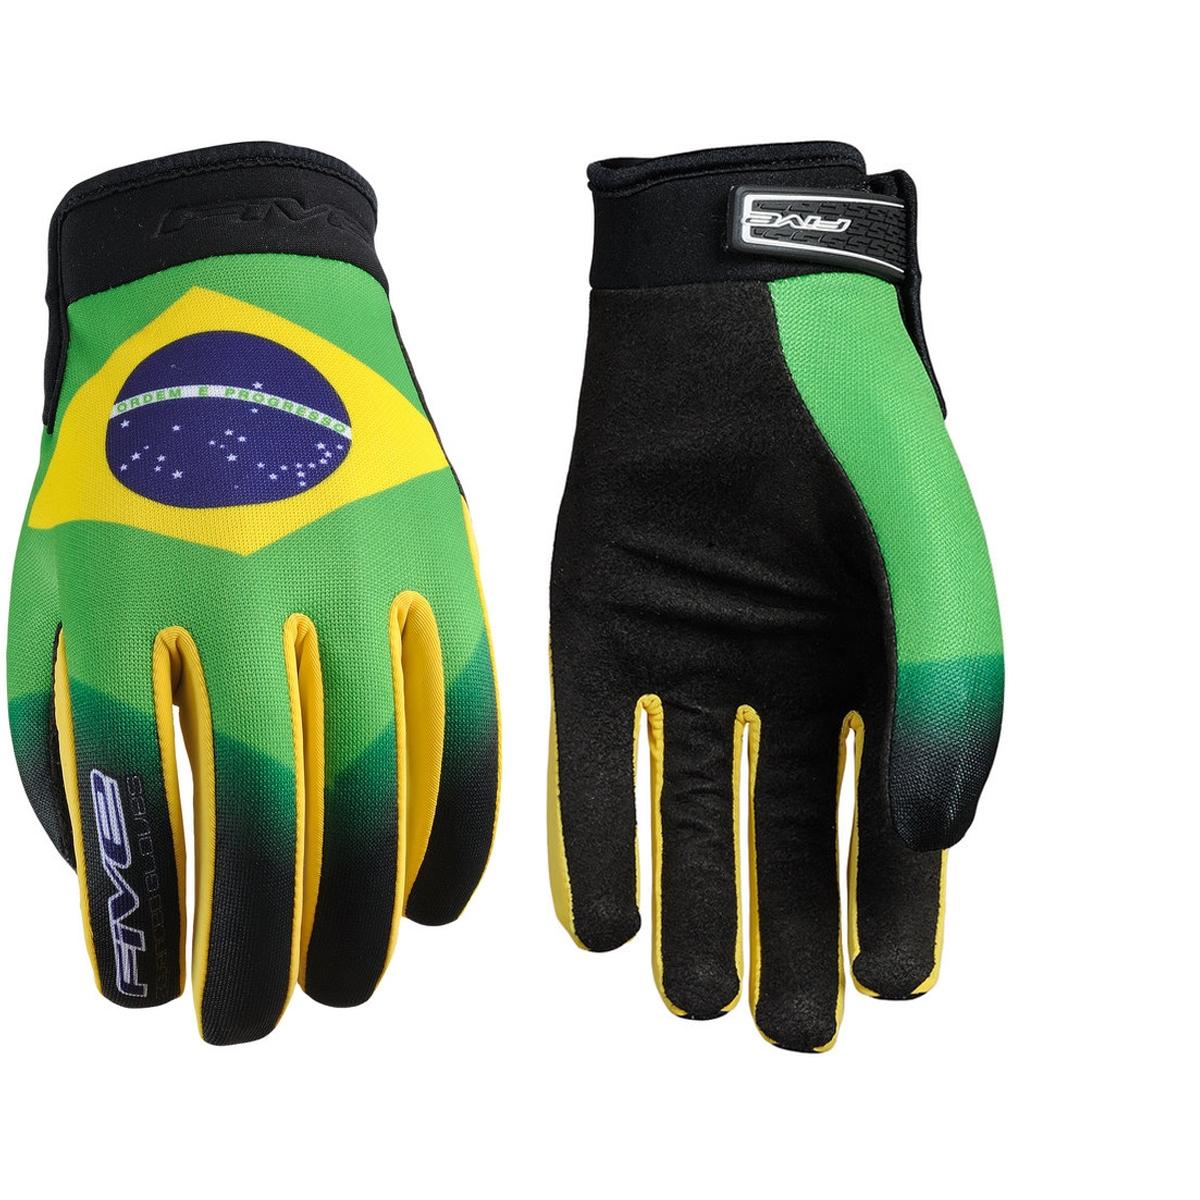 Gants Five Planet Patriot Brésil - S